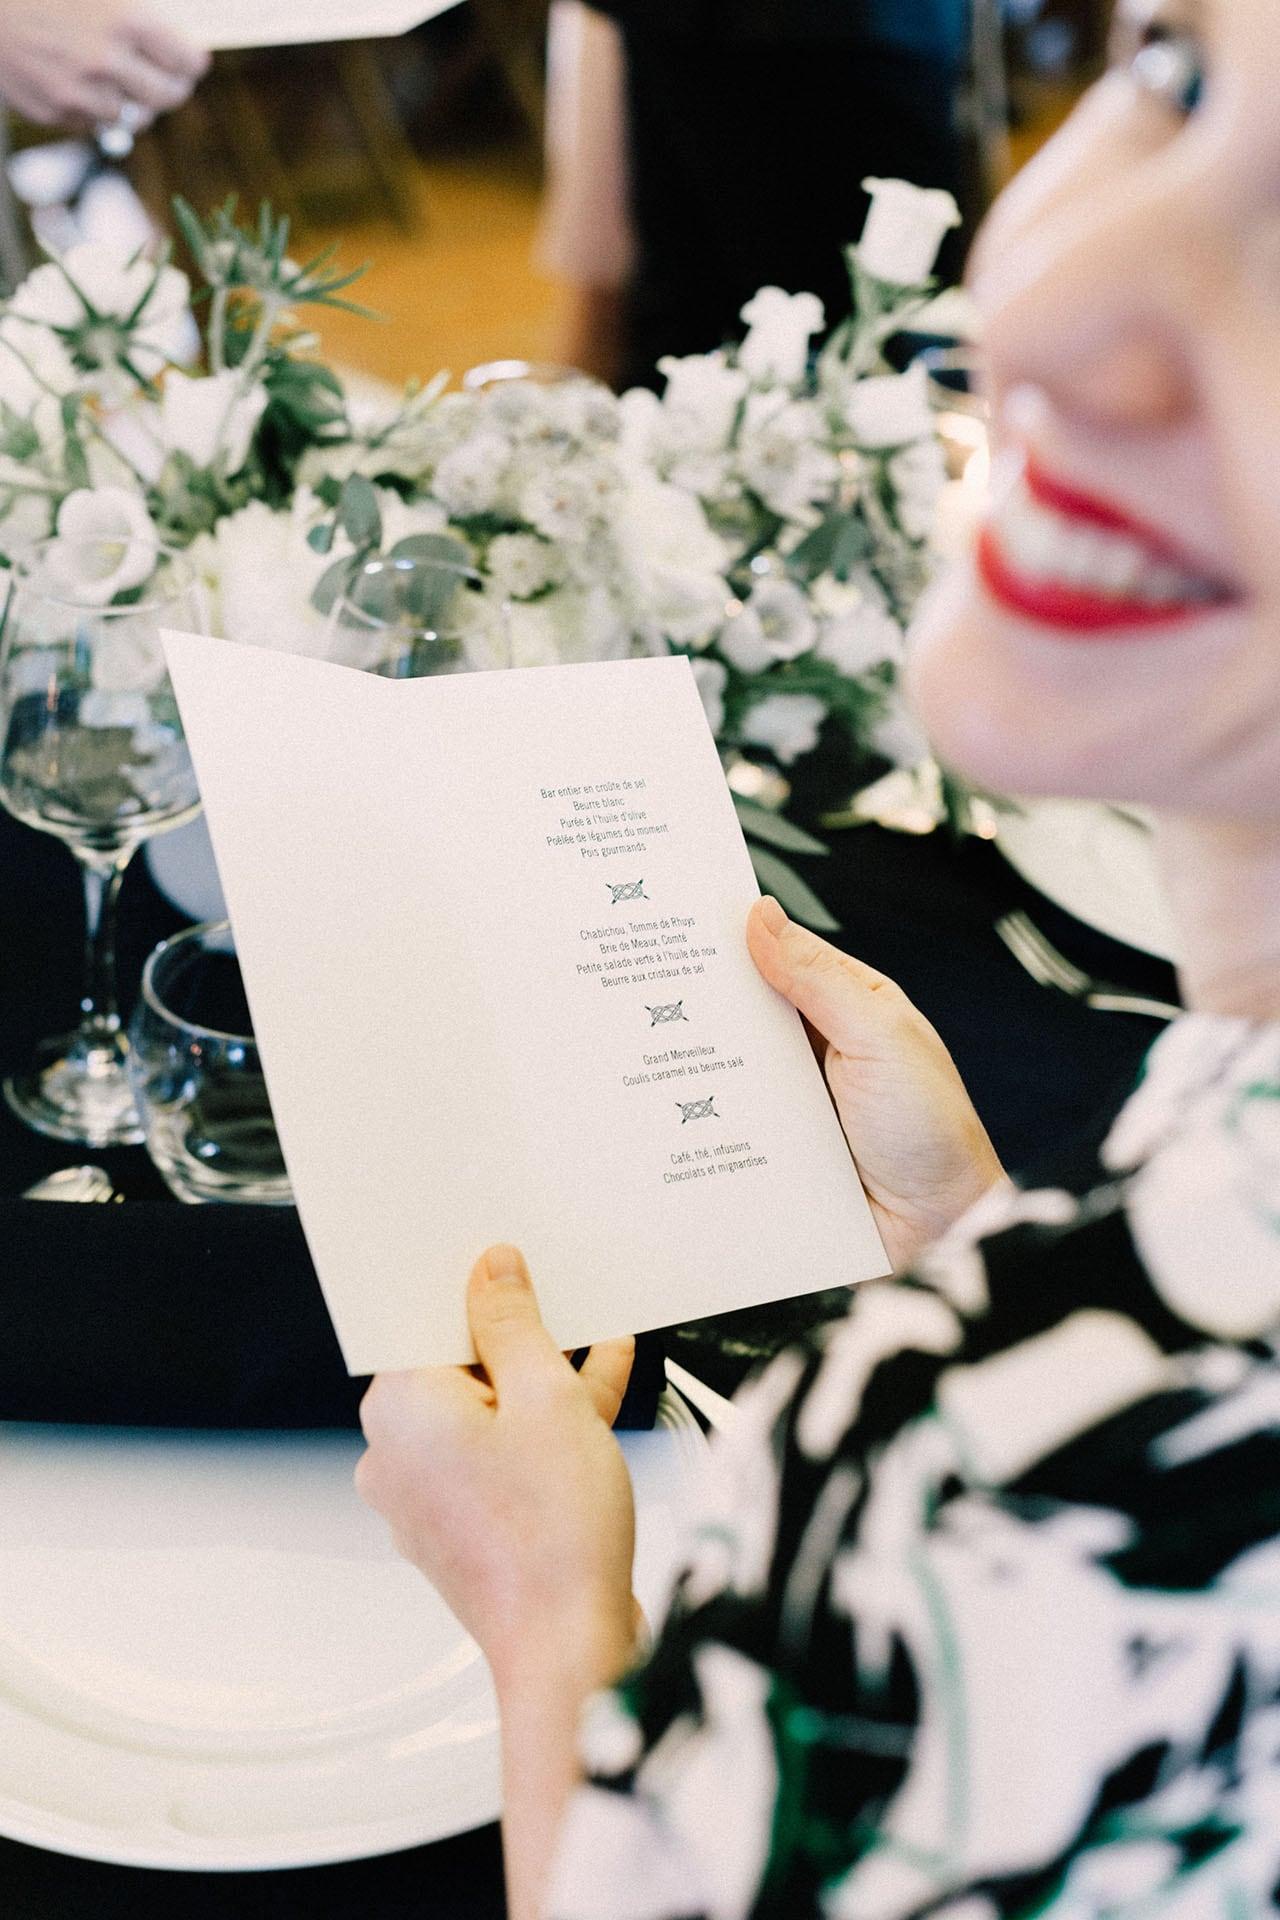 sophie-delaveau-photographe-mariage-morgane-florian-02.07.2016-1113